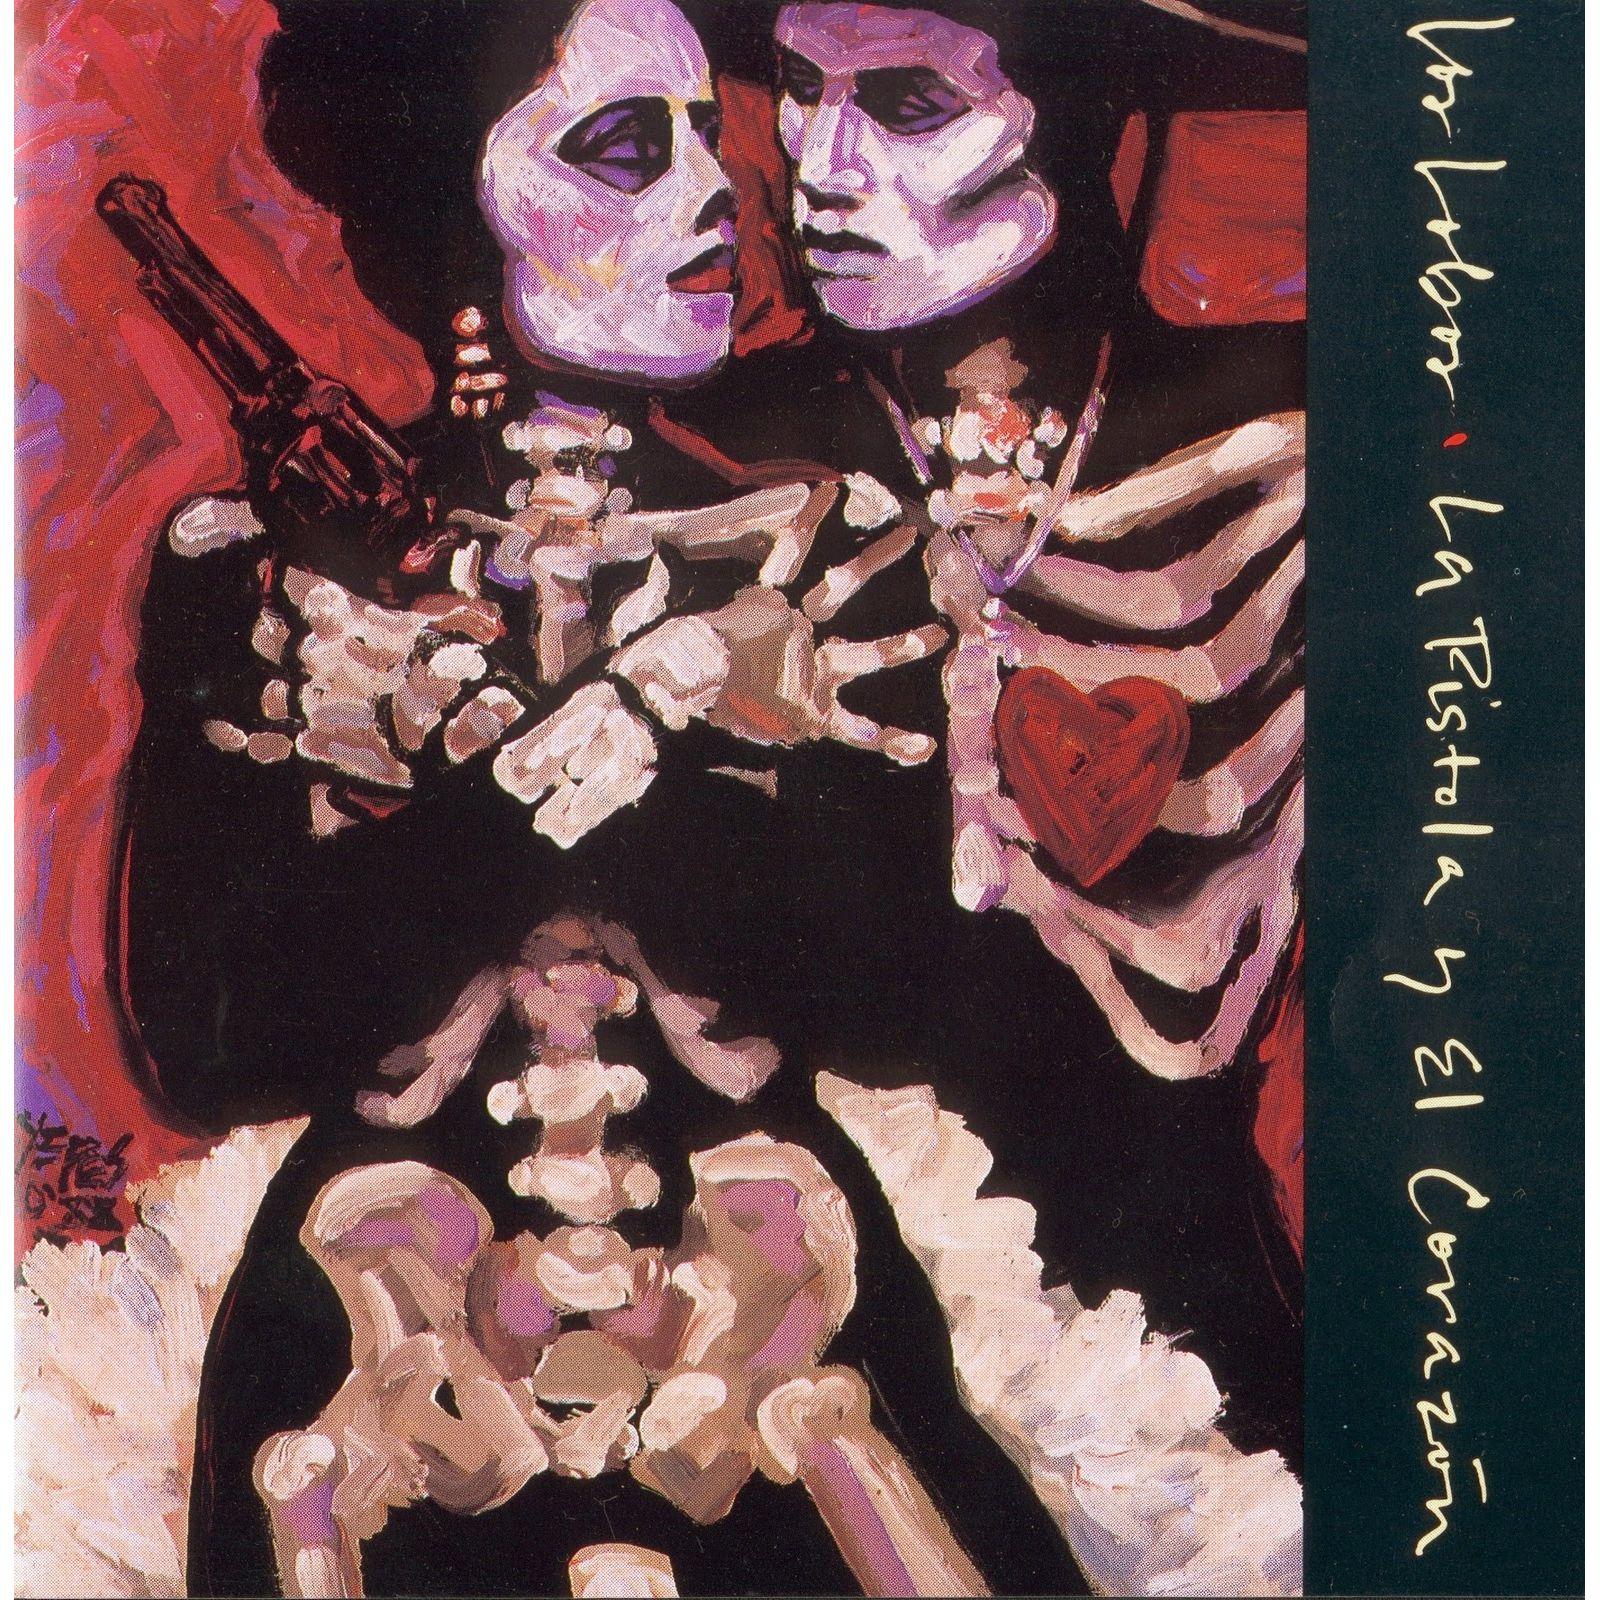 La Colección del Rock: Los Lobos - La Pistola Y El Corazón (1988)